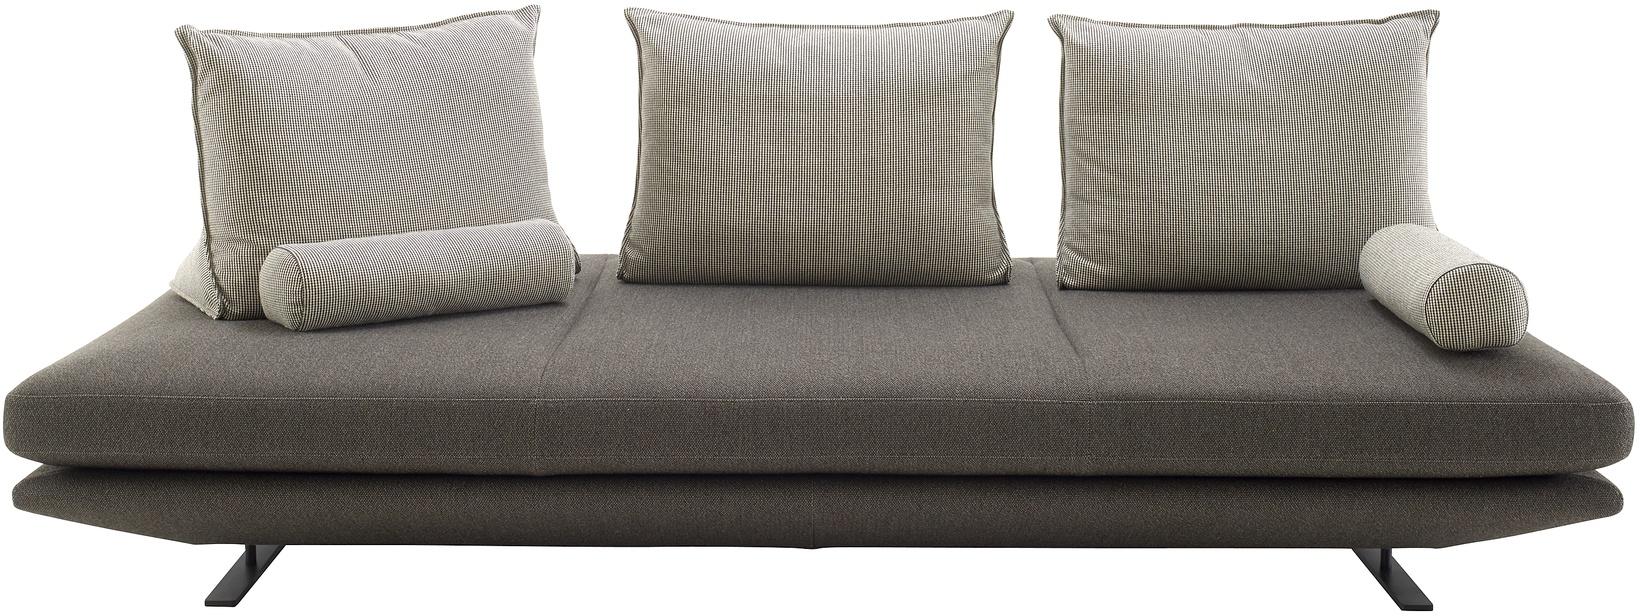 prado, sofas designer : christian werner | ligne roset, Wohnzimmer dekoo